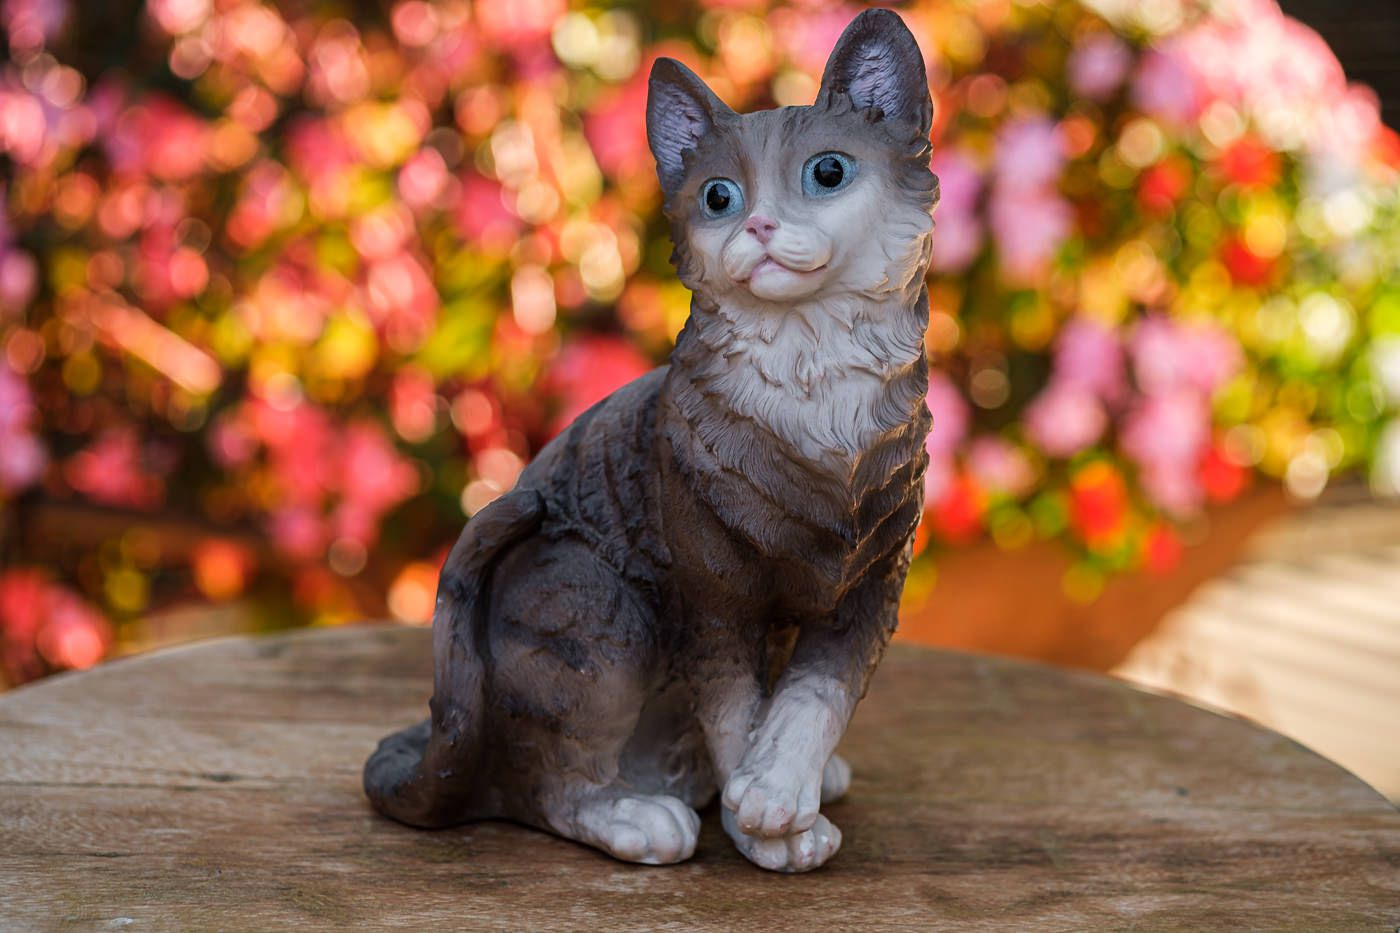 Gato em resina sentado